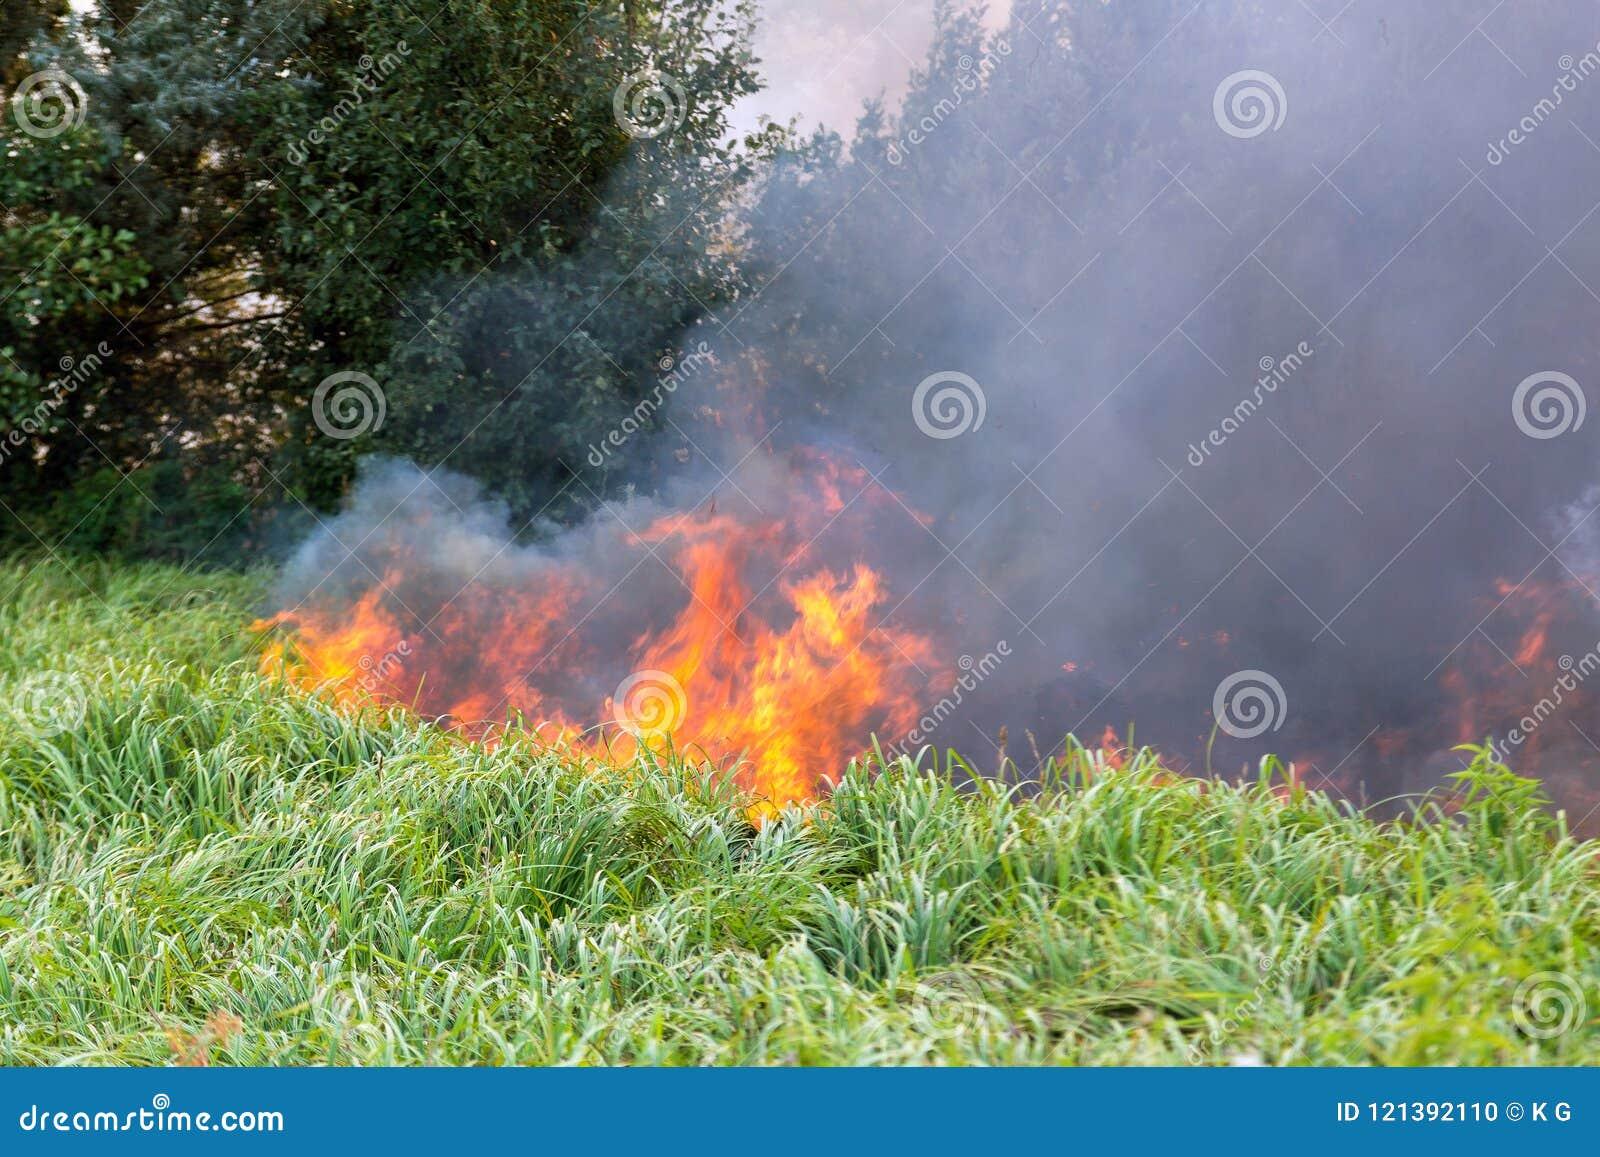 Forest Wildfire Brennendes Feld des trockenen Grases und der Bäume Schwerer Rauch gegen blauen Himmel Wildes Feuer wegen des heiß